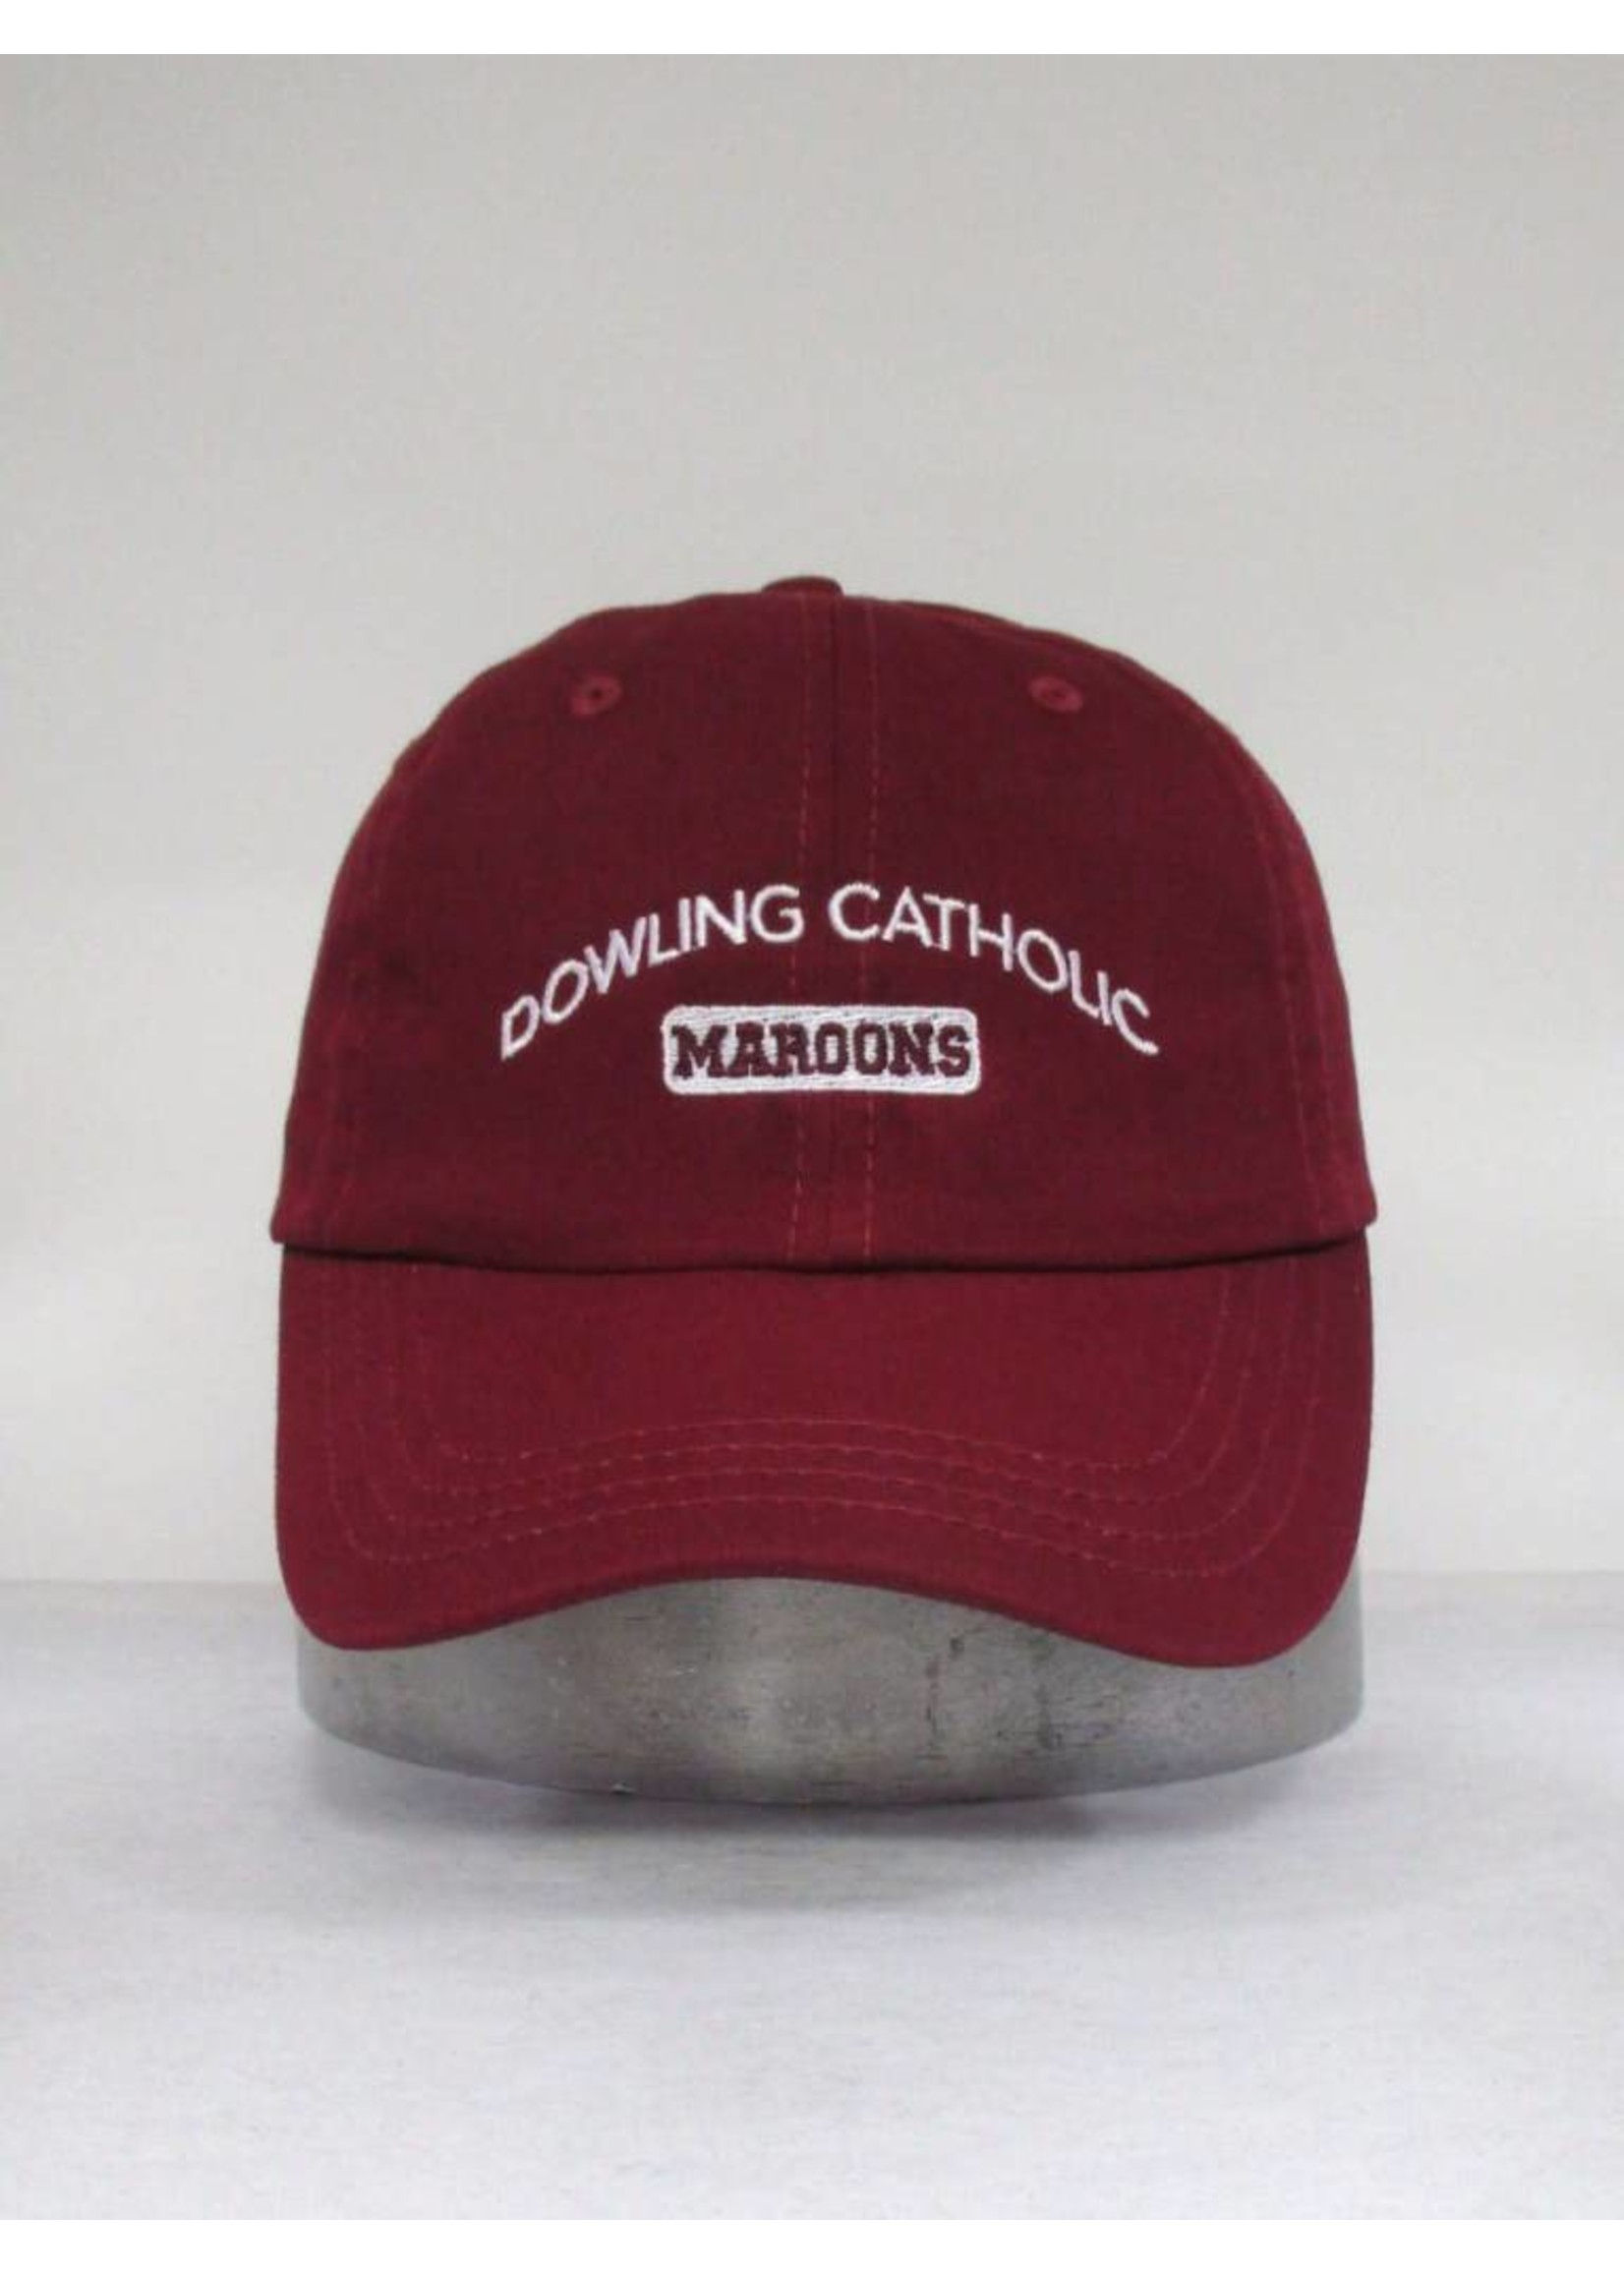 Accessories Men's Cap - Maroon